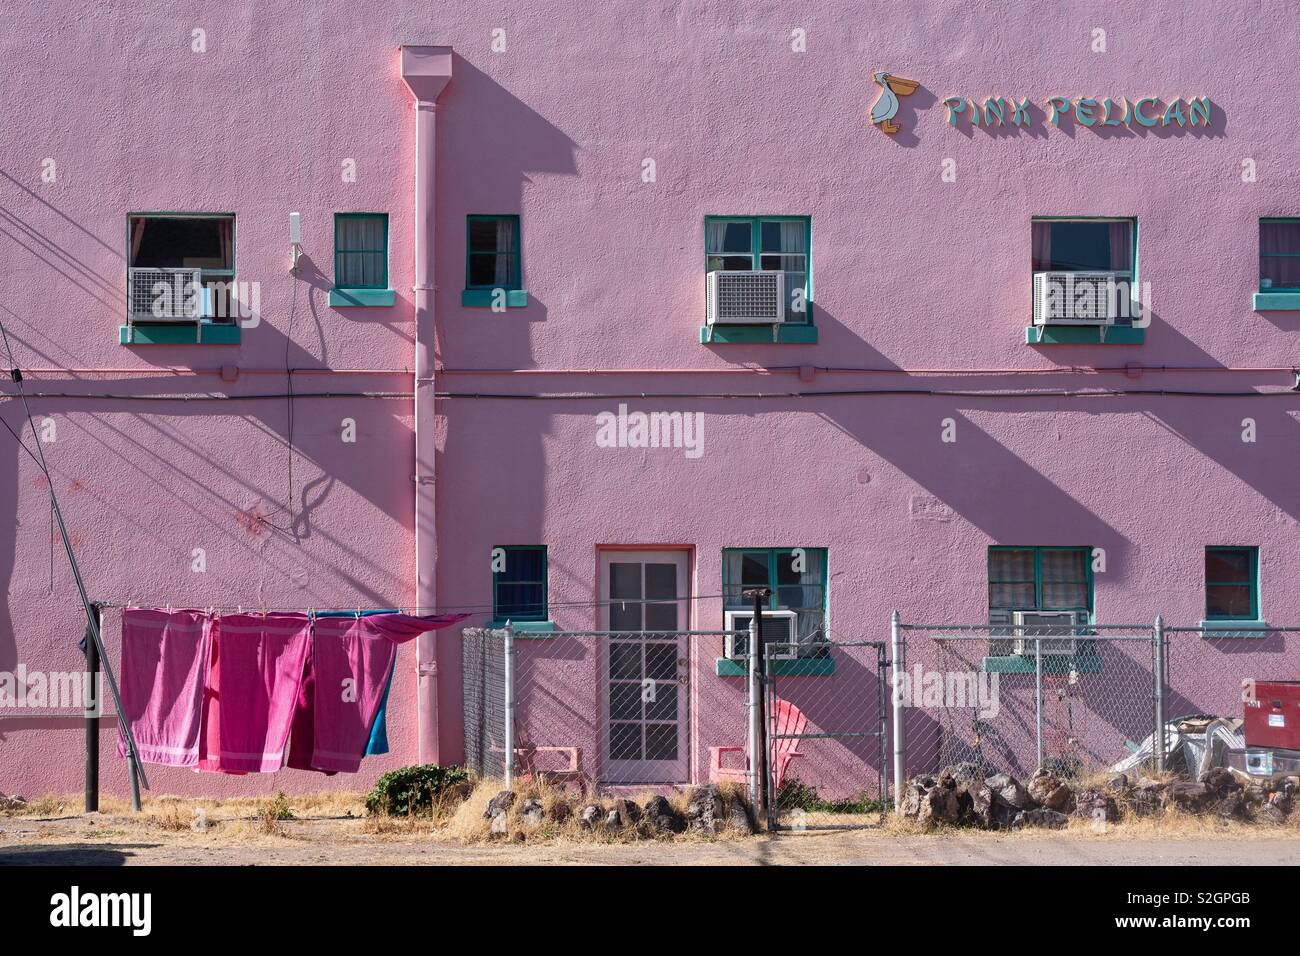 El Pelican Rosa hot springs spa Imagen De Stock